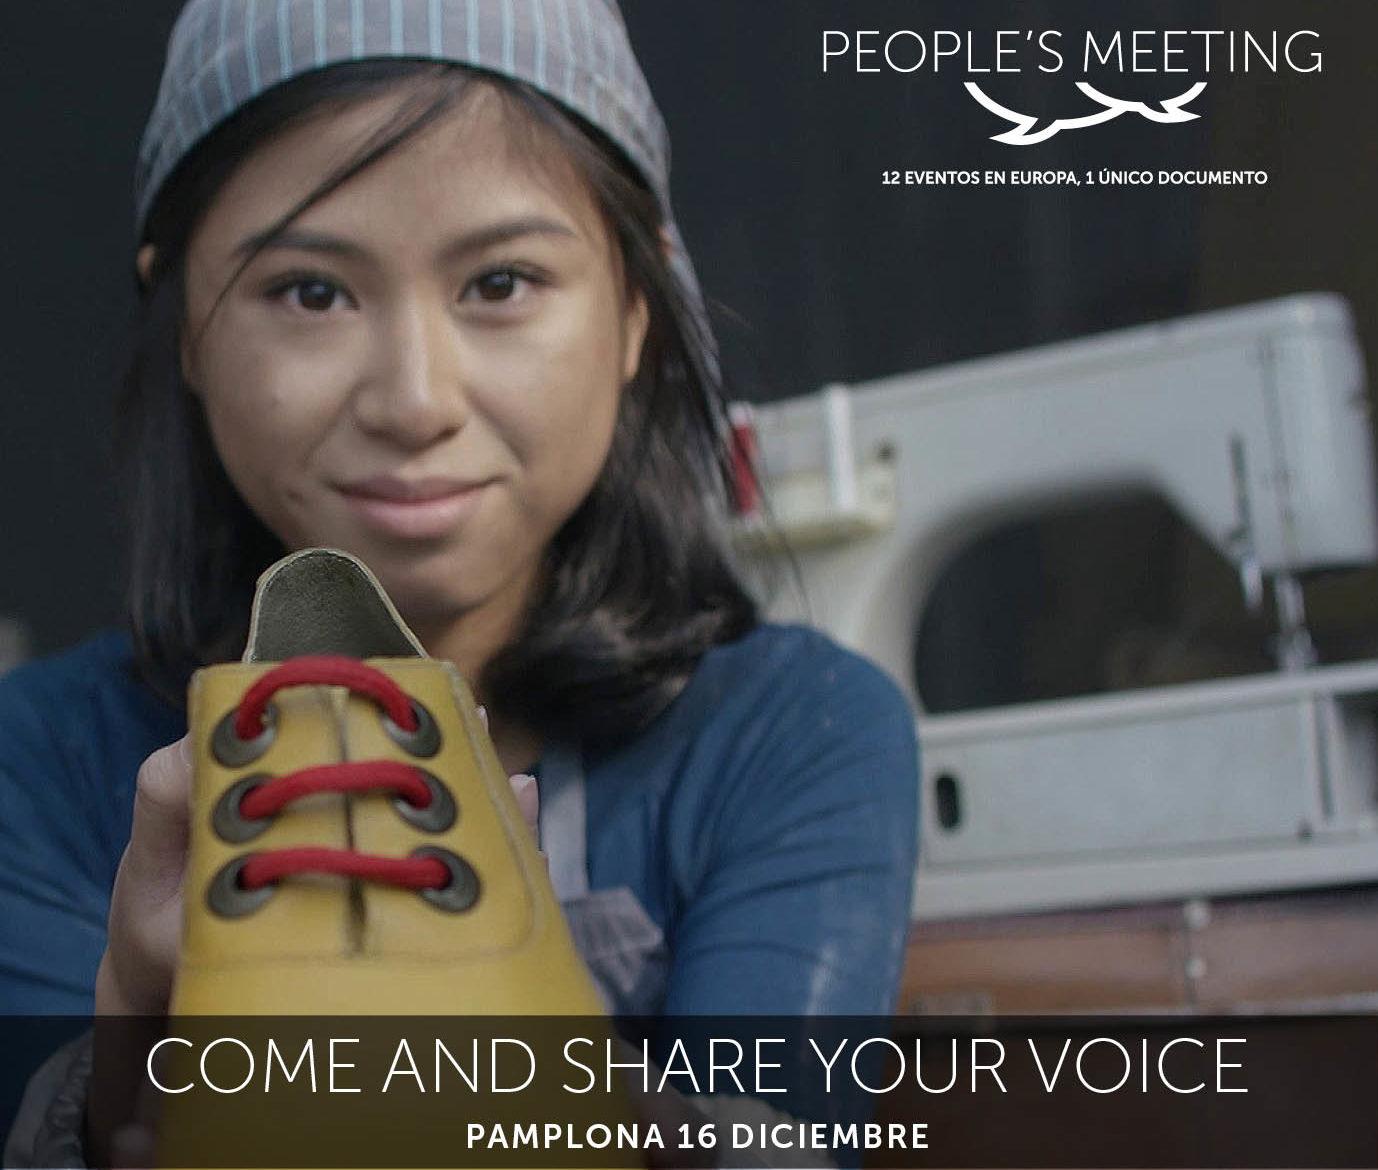 People's Meeting: un encuentro ciudadano sobre políticas comerciales y de desarrollo europeas